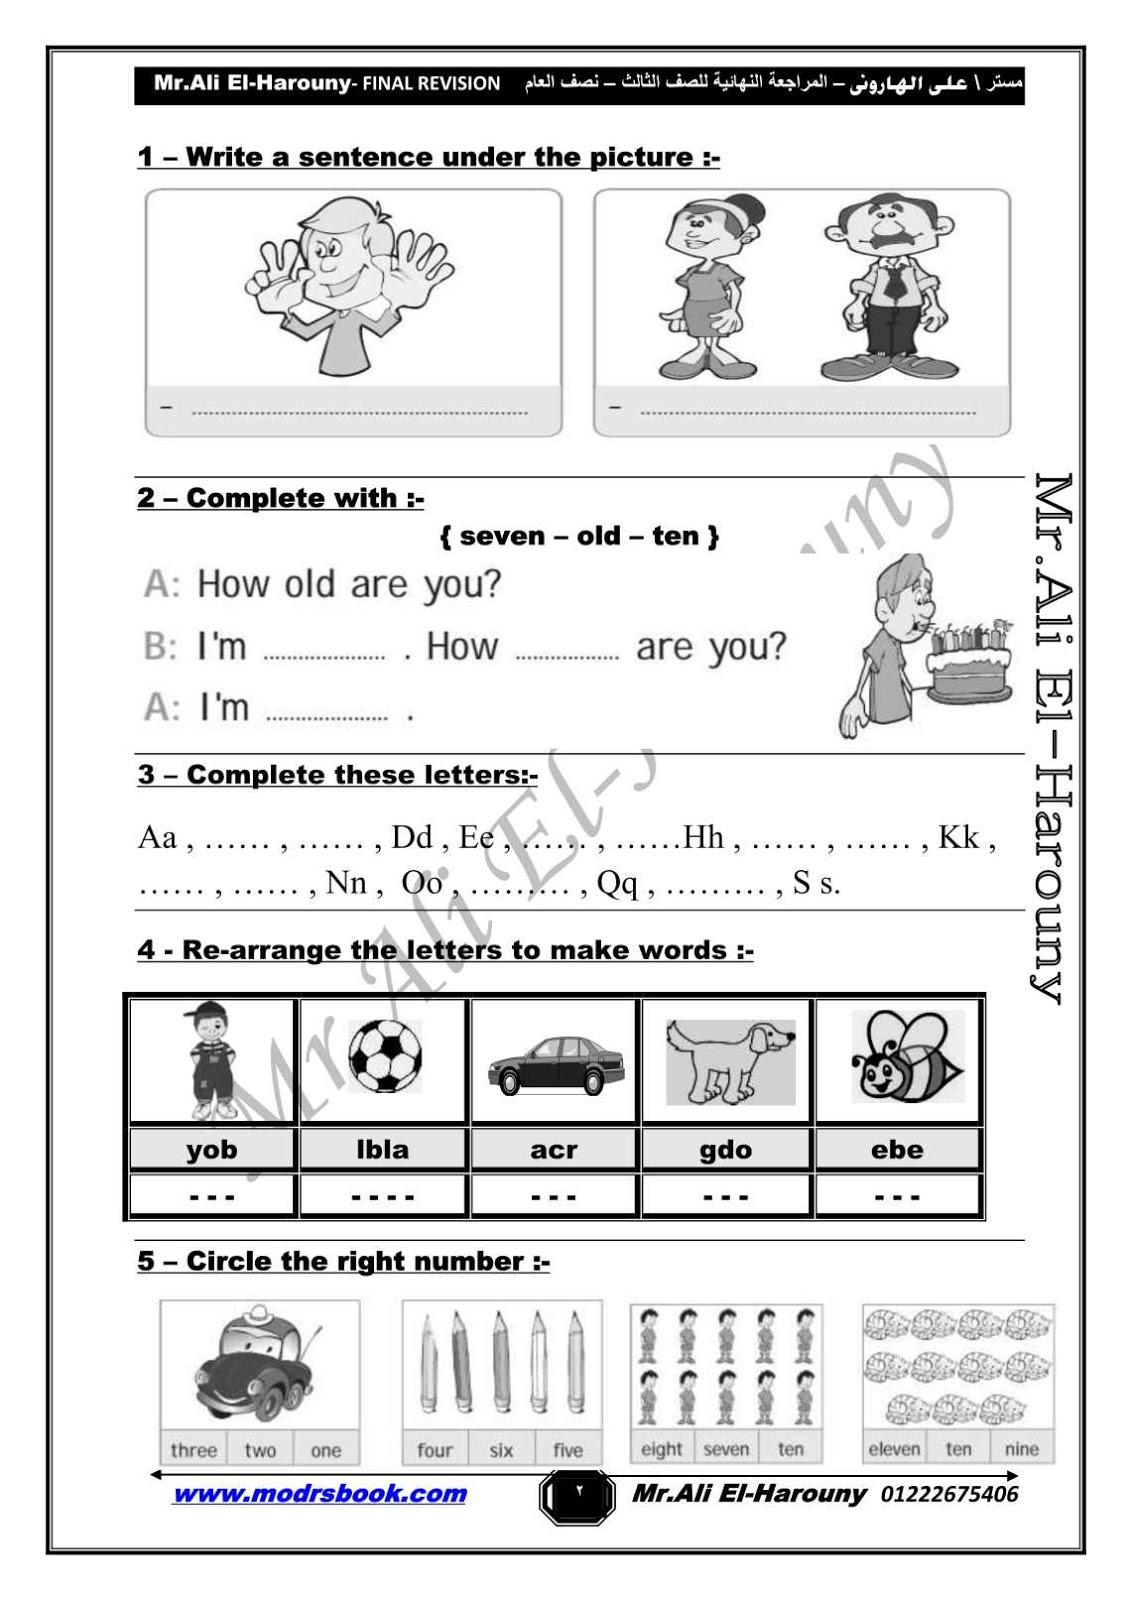 امتحان انجليزي الصف الثالث الابتدائي 2018 ترم اول